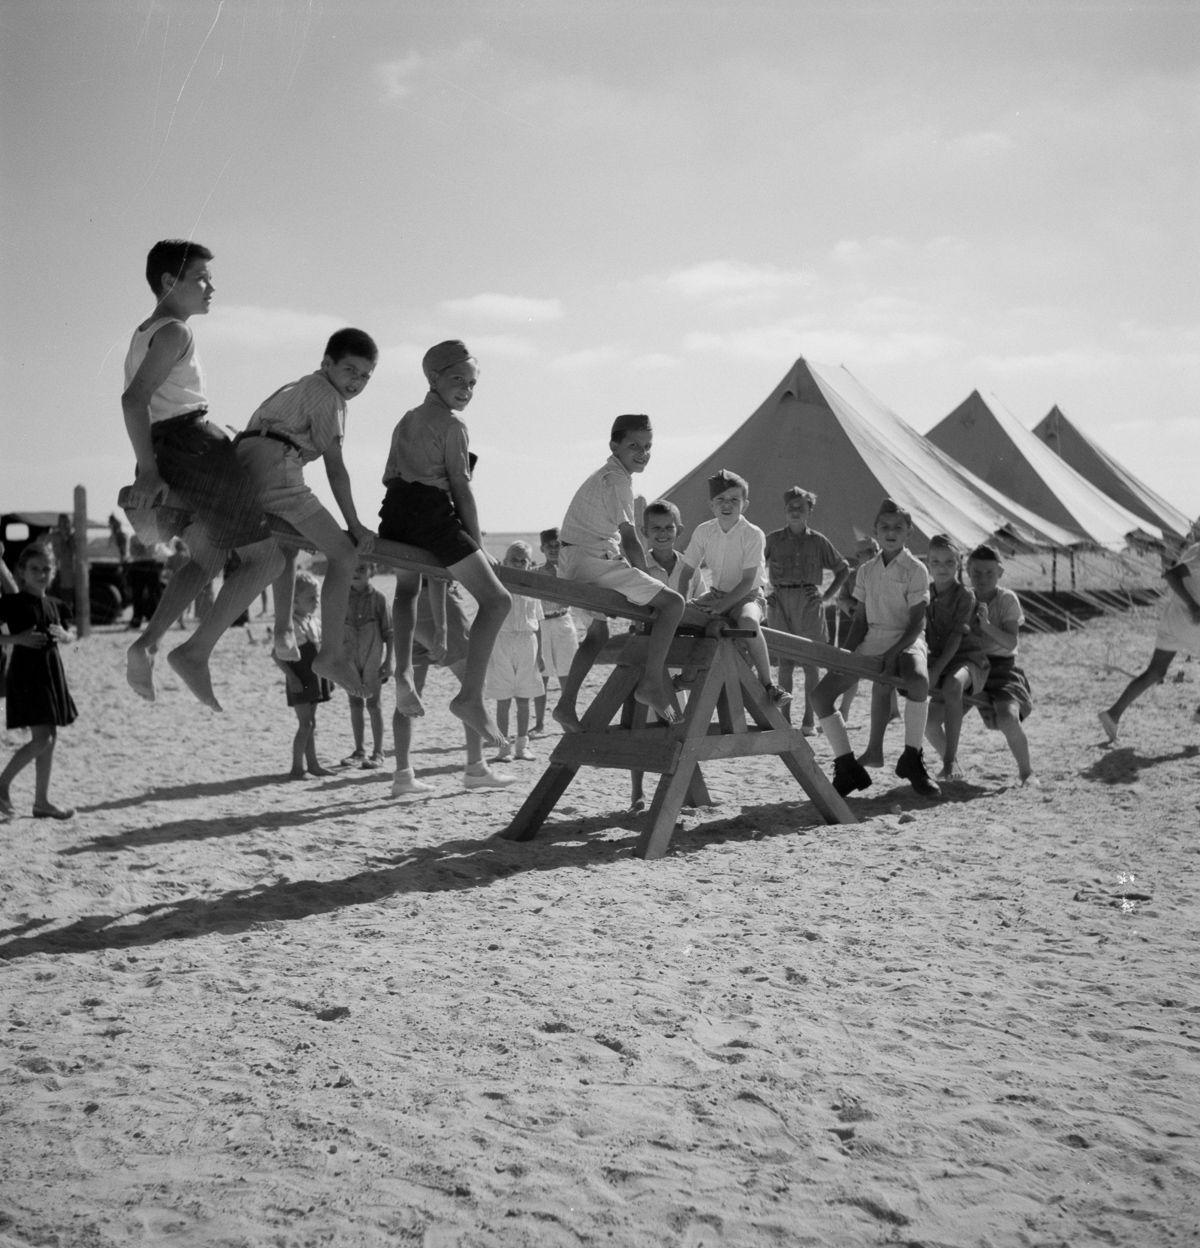 Quando os refugiados fugiram da Europa devastada pela guerra buscando paraísos no Oriente Médio 01